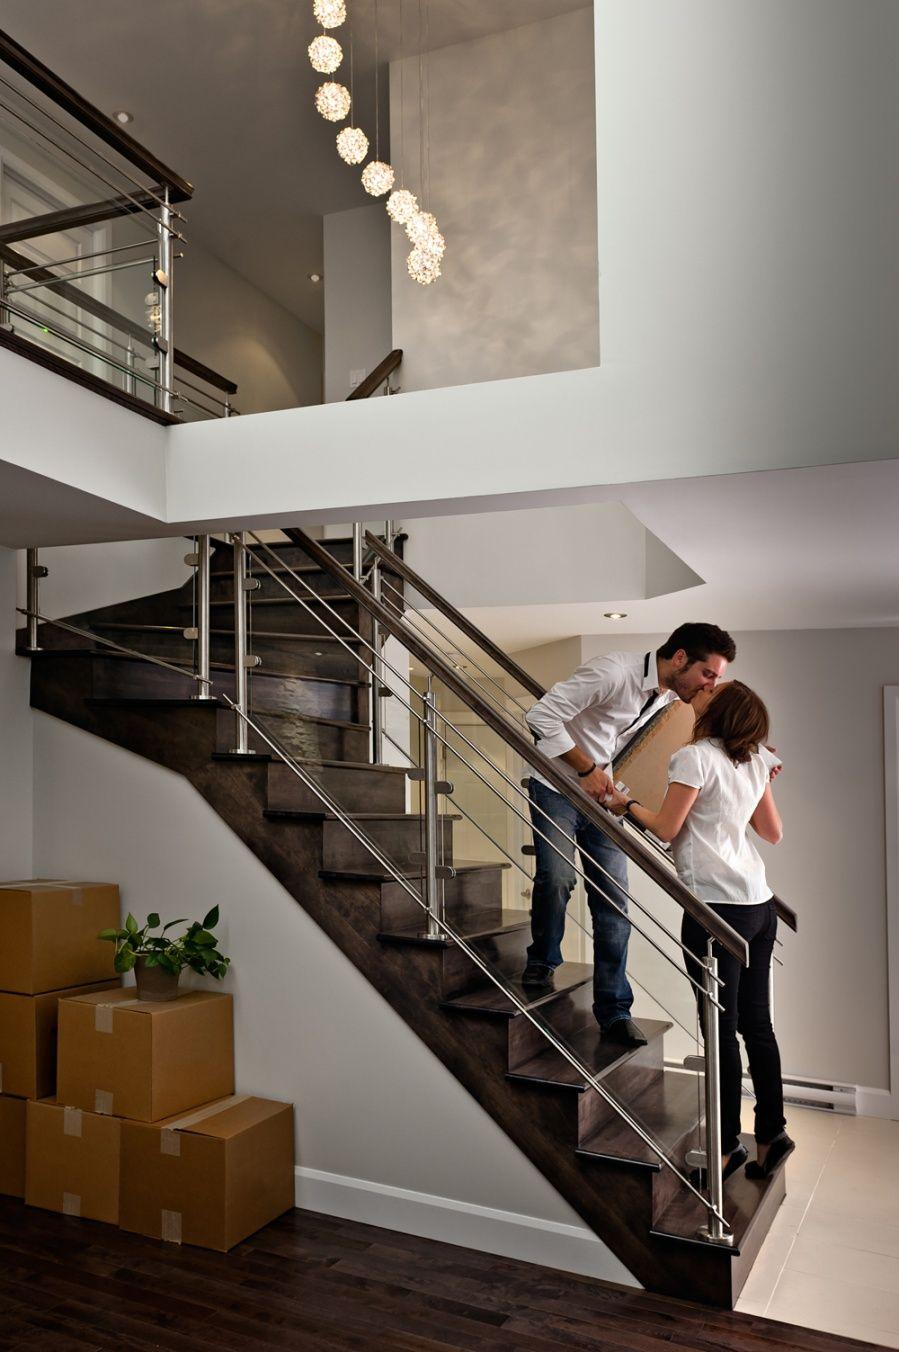 Voici nos r alisations en mati re d 39 escaliers d 39 int rieur for Construction escalier interieur